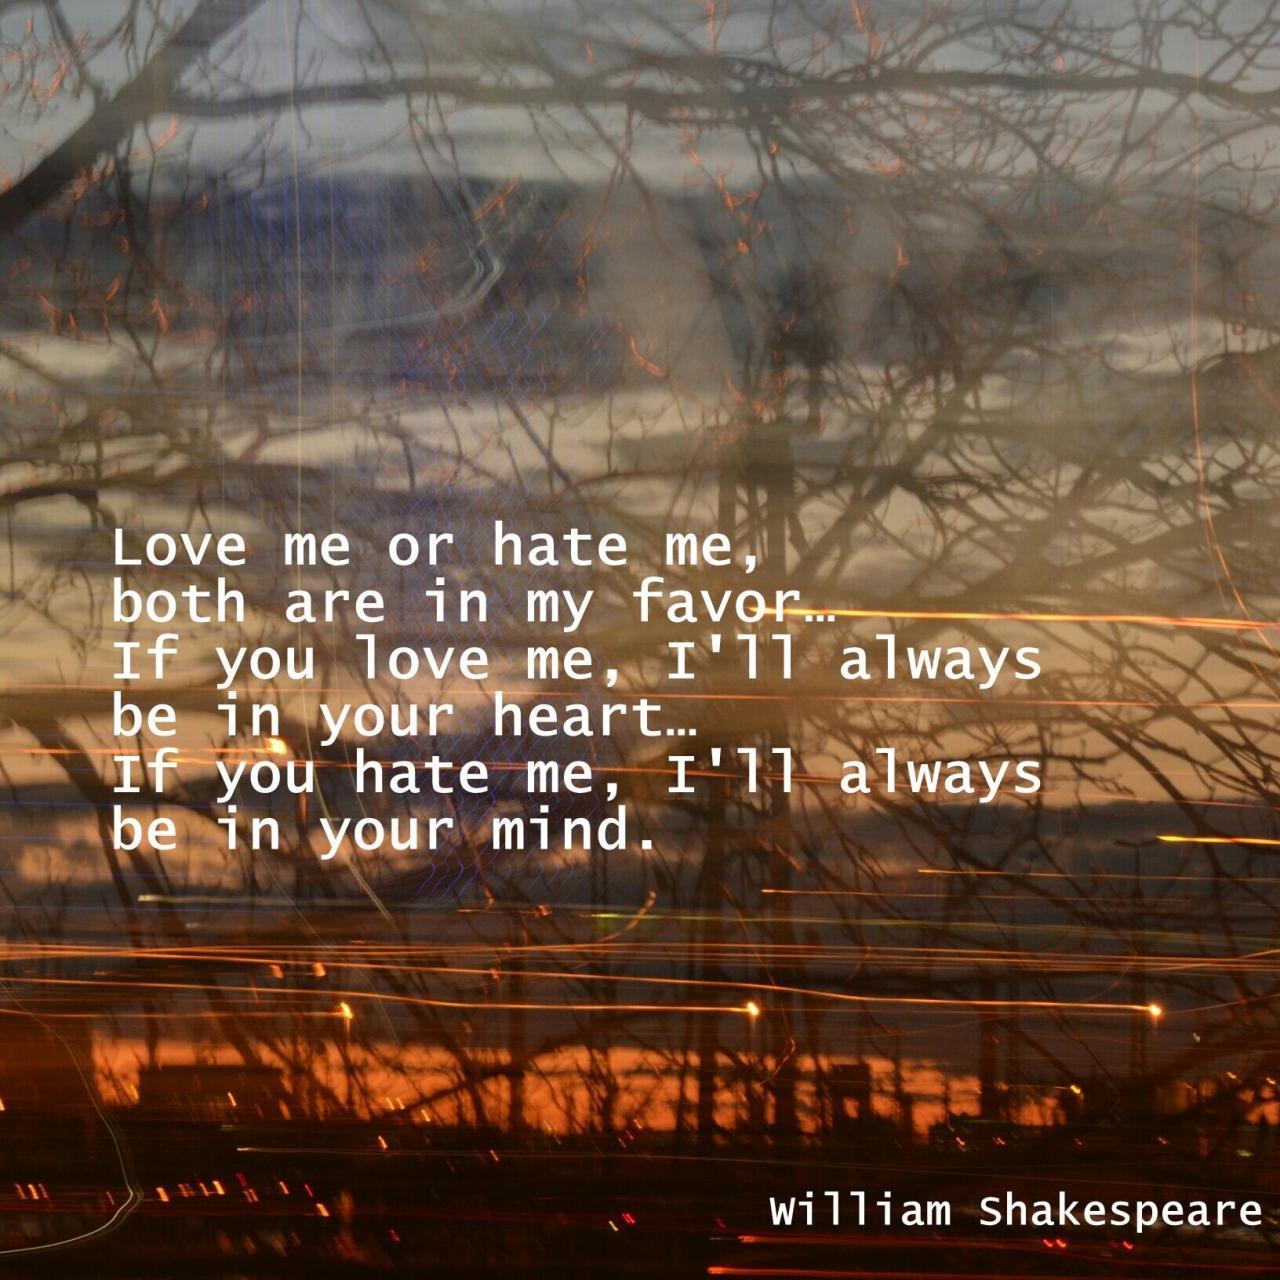 Shakespeare Liebeszitate William Shakespeare